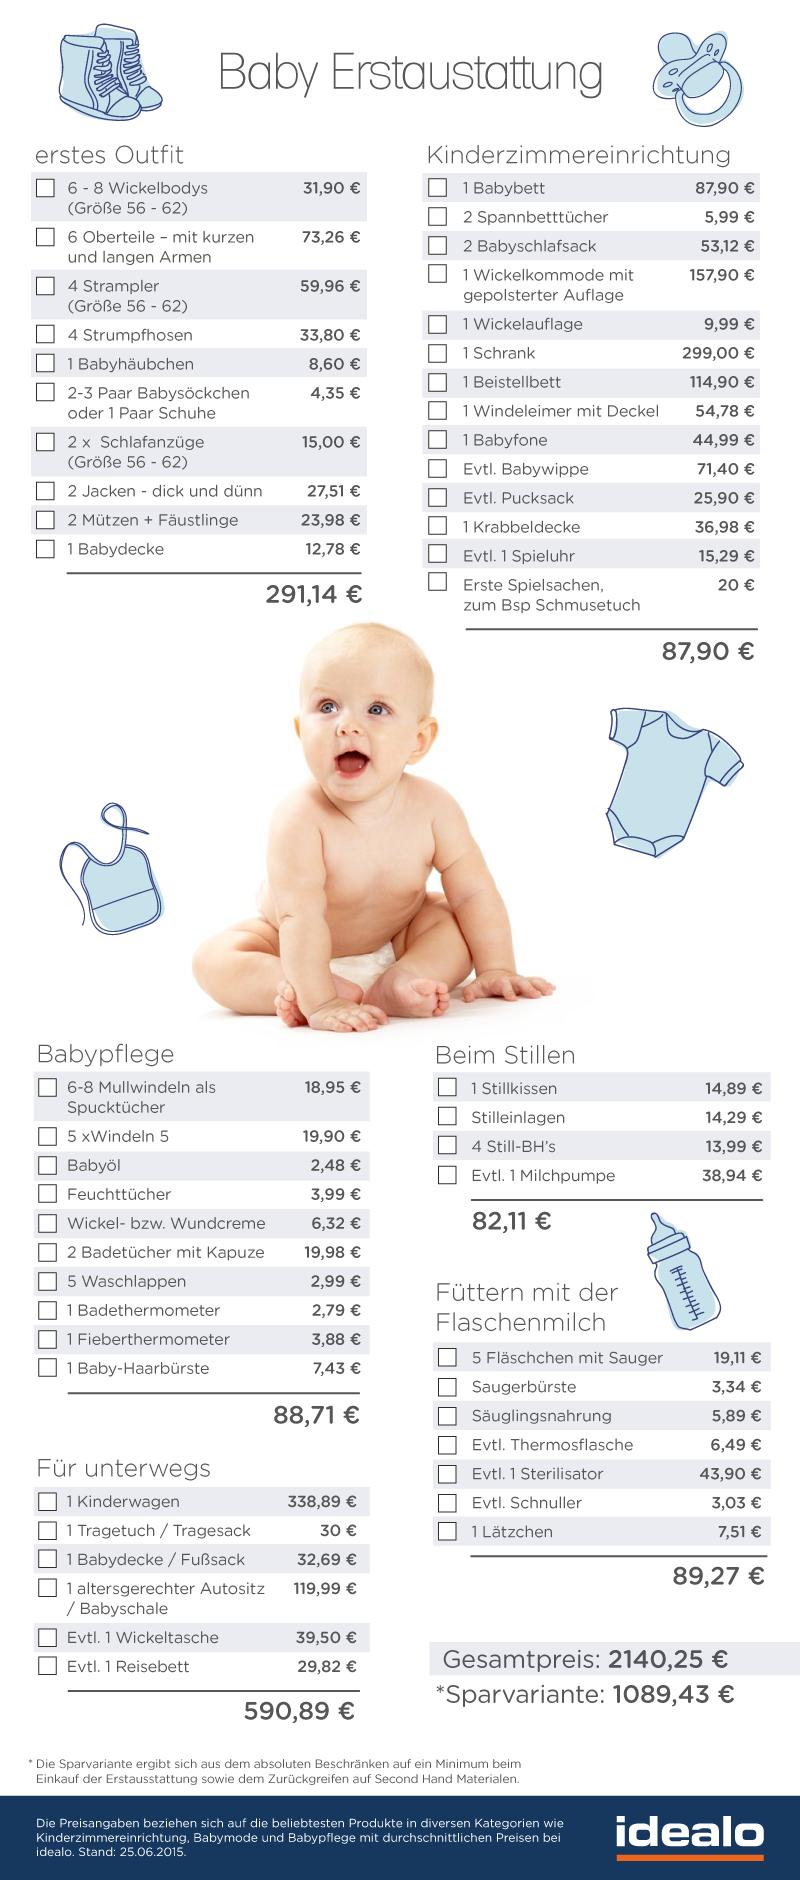 idealo kostencheck was braucht ein baby und wie viel kostet es tipps f r die erstausstattung. Black Bedroom Furniture Sets. Home Design Ideas